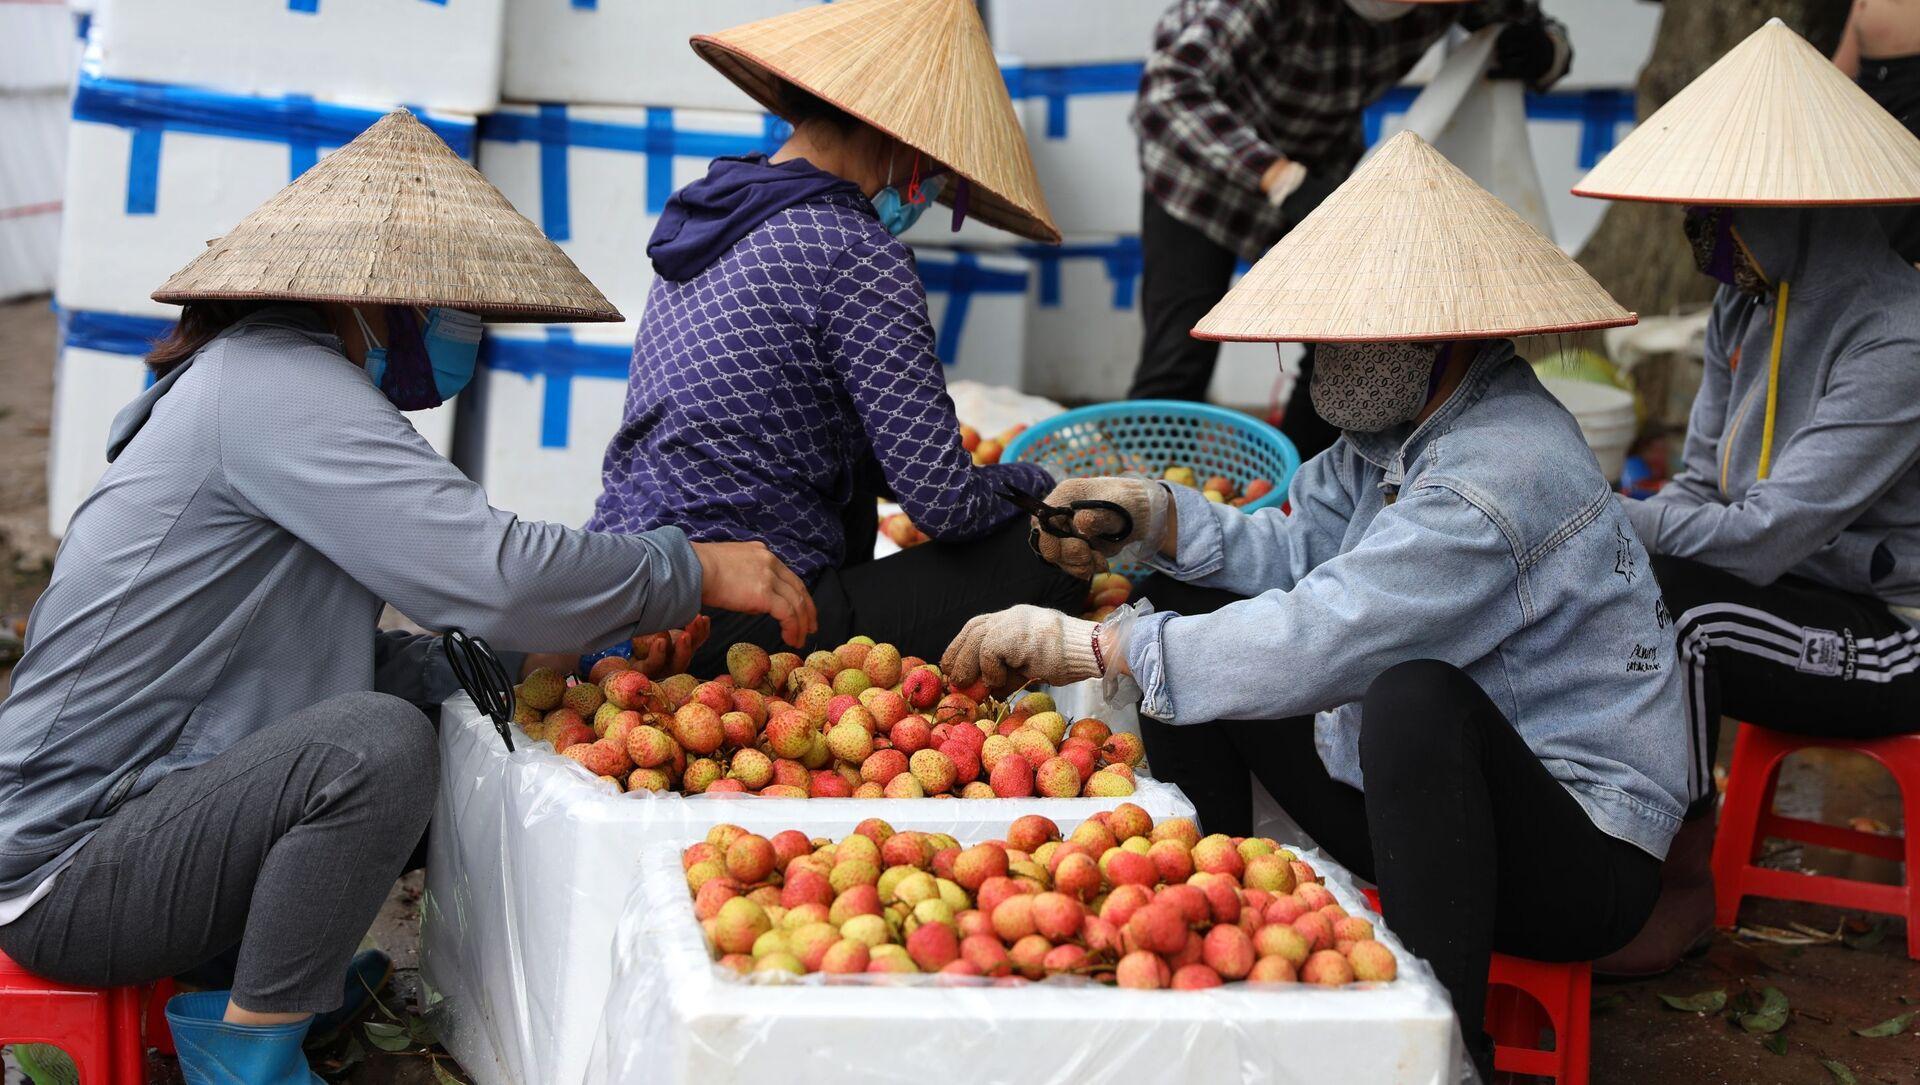 Điểm thu mua và sơ chế vải sớm tại xã Phượng Sơn, huyện Lục Ngạn (Bắc Giang) - Sputnik Việt Nam, 1920, 26.05.2021